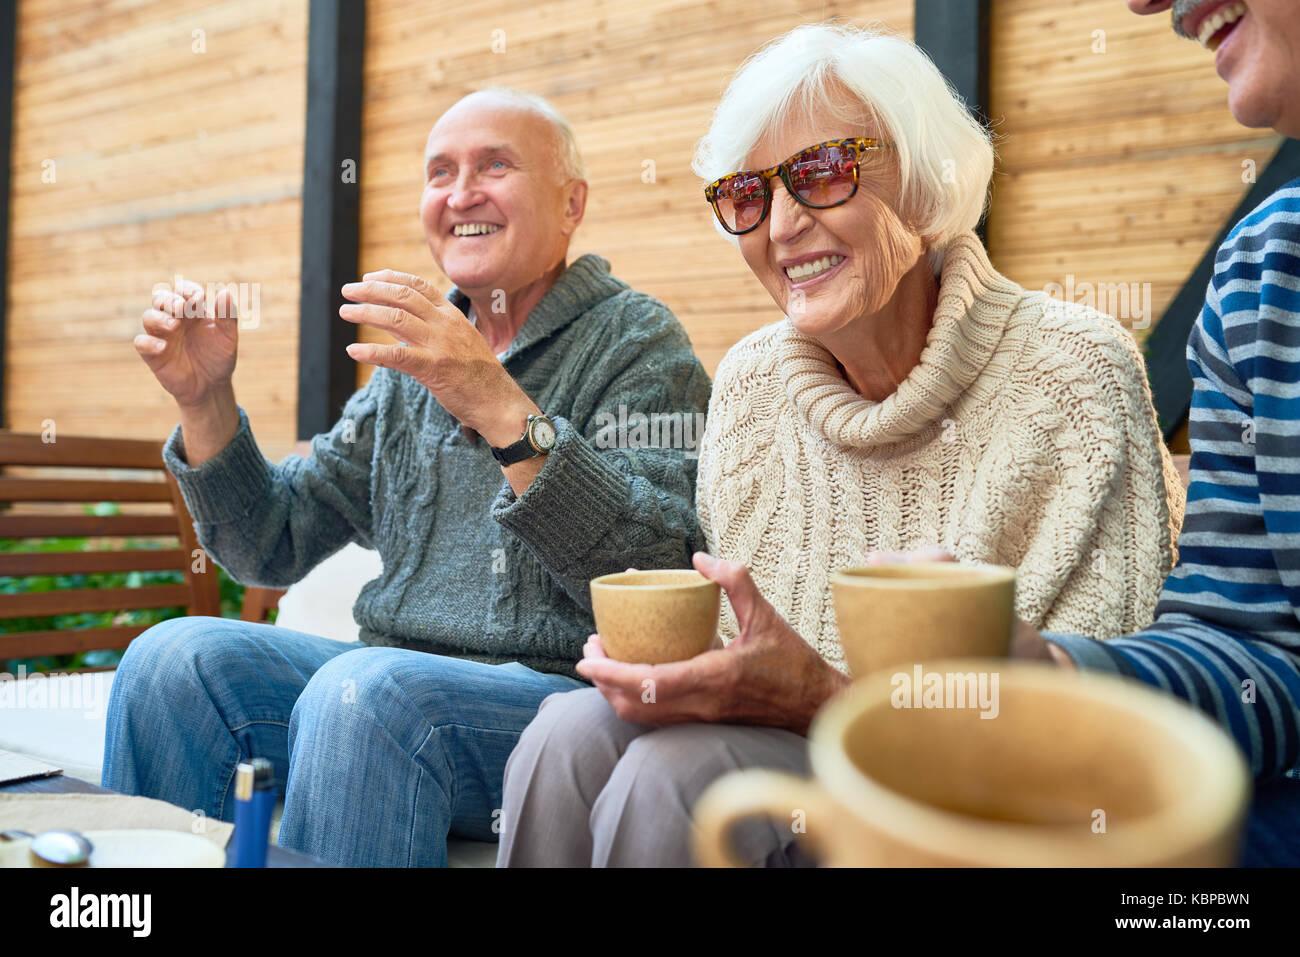 Allegro senior amici radunati insieme al piccolo ed accogliente patio e ricordando storie divertenti dal loro passato, essi indossano Maglioni lavorati a maglia e riscaldamento Foto Stock